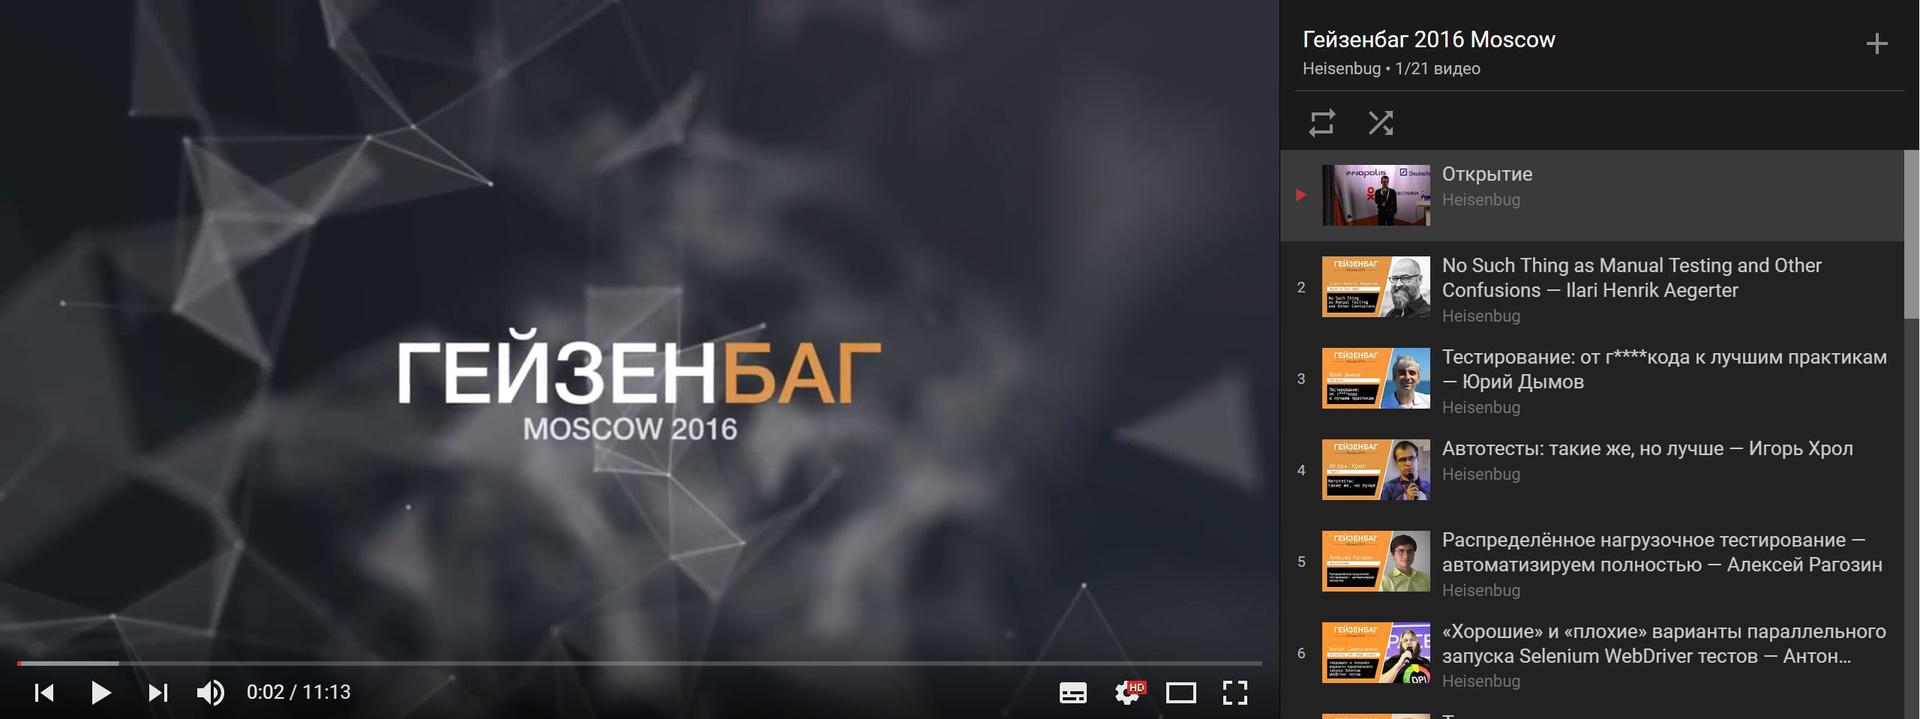 Топ-10 докладов конференции Гейзенбаг 2016 Moscow